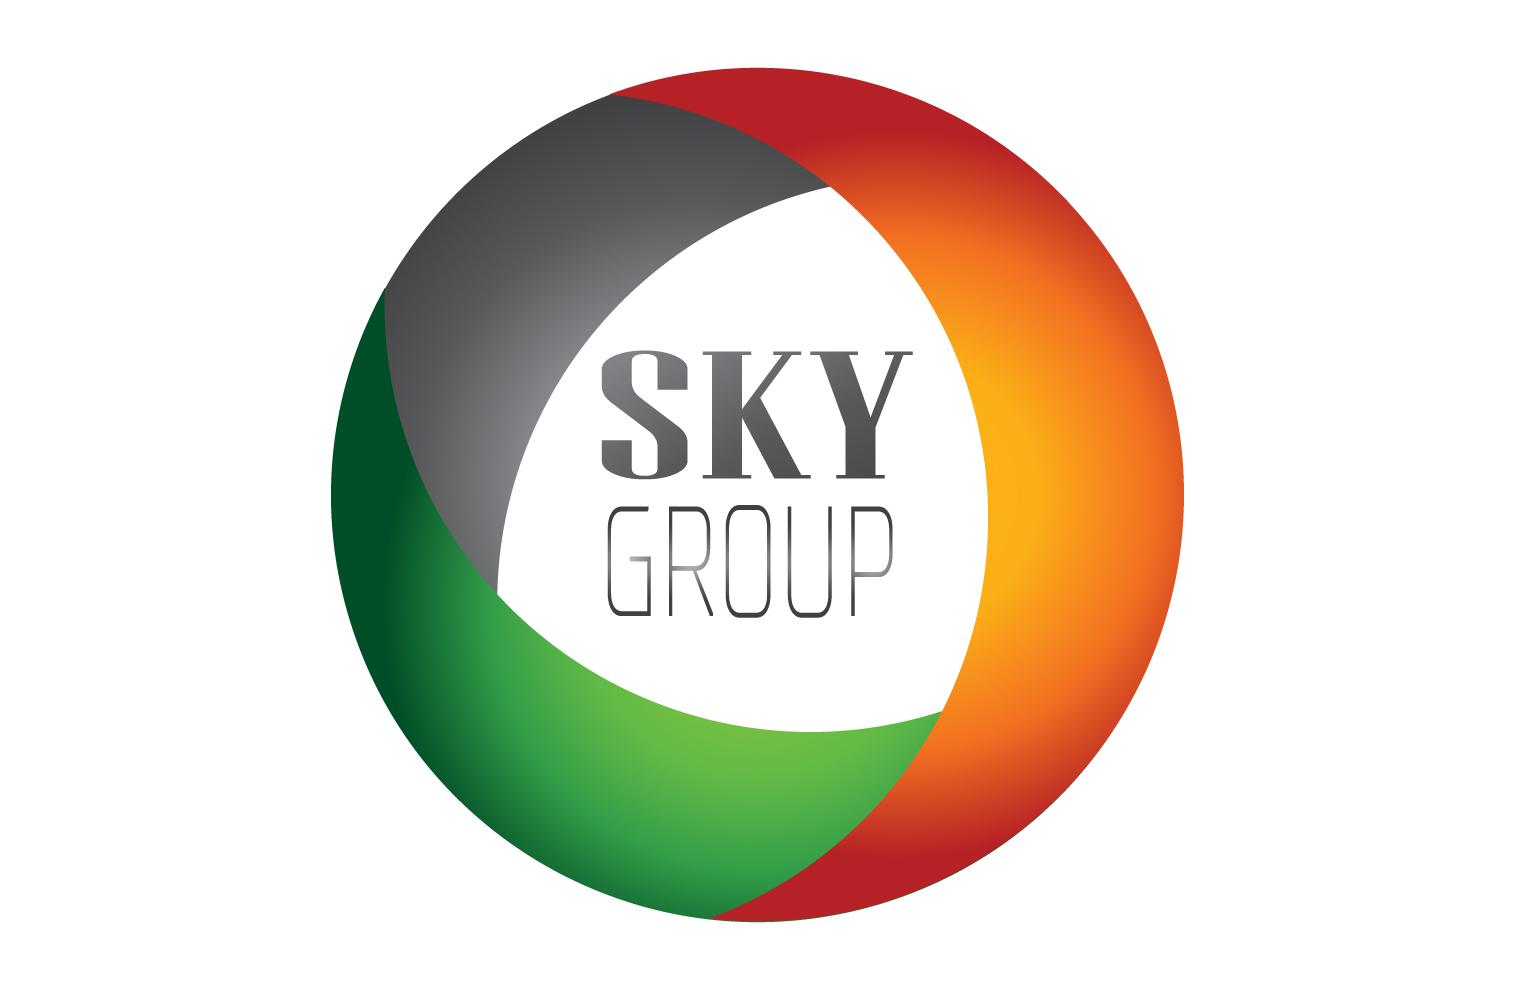 Новый логотип для производственной компании фото f_7535a86470cbaec4.jpg